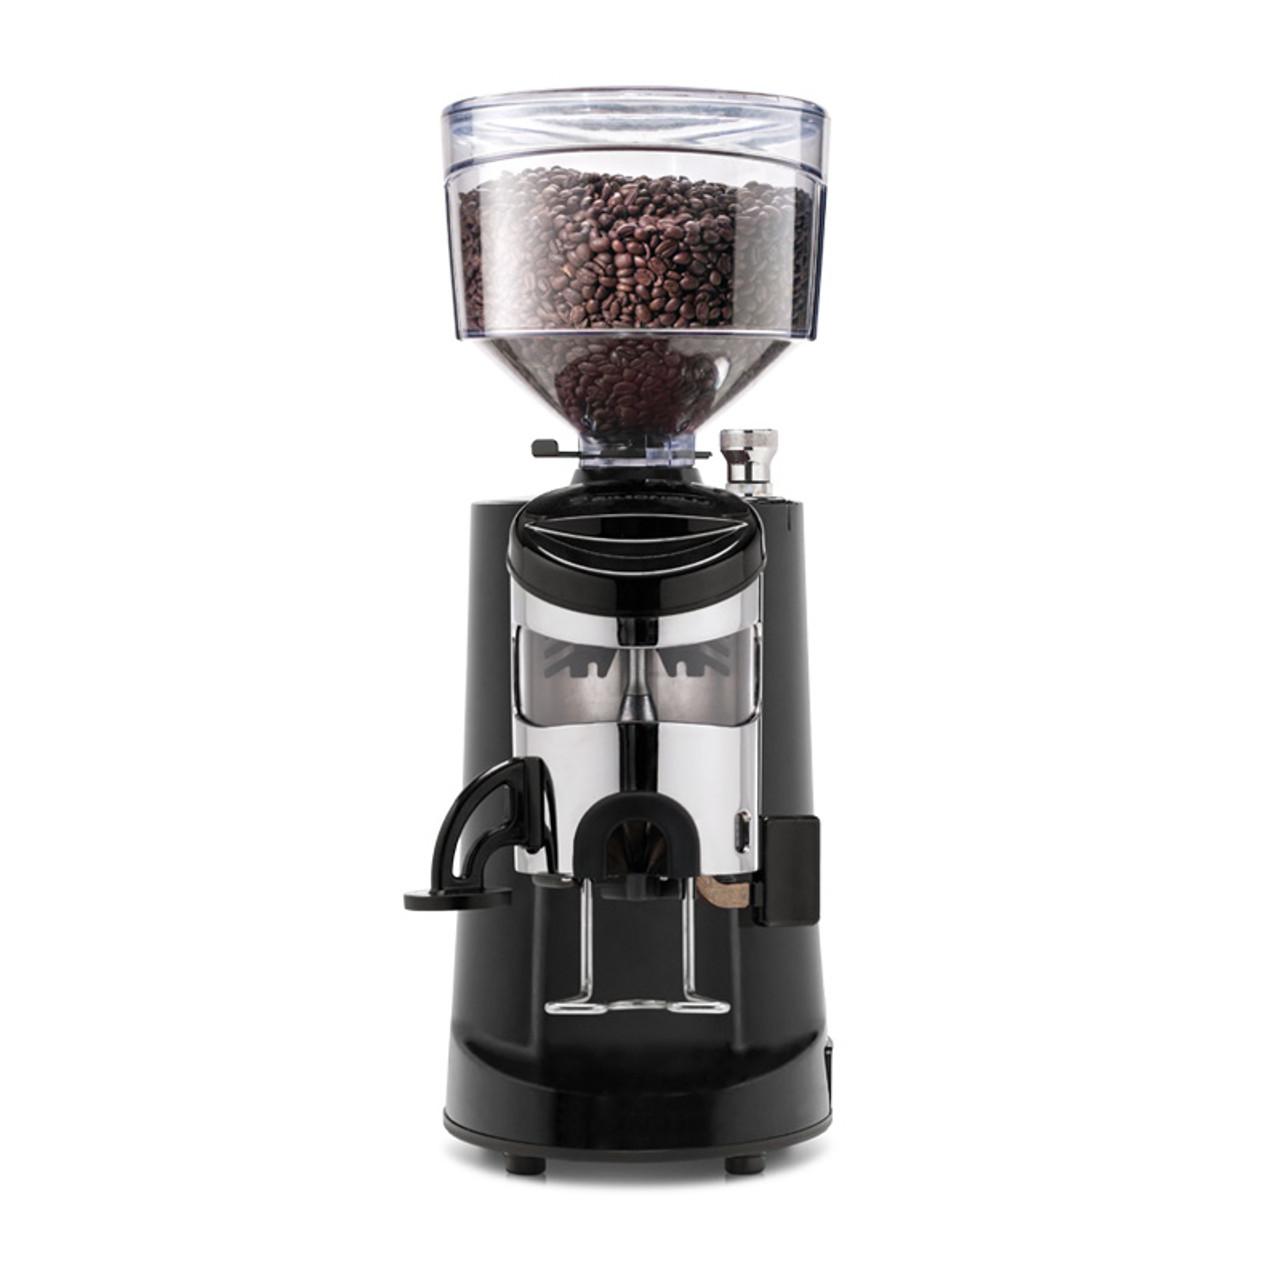 Nuova Simonelli MDXS Espresso Grinder